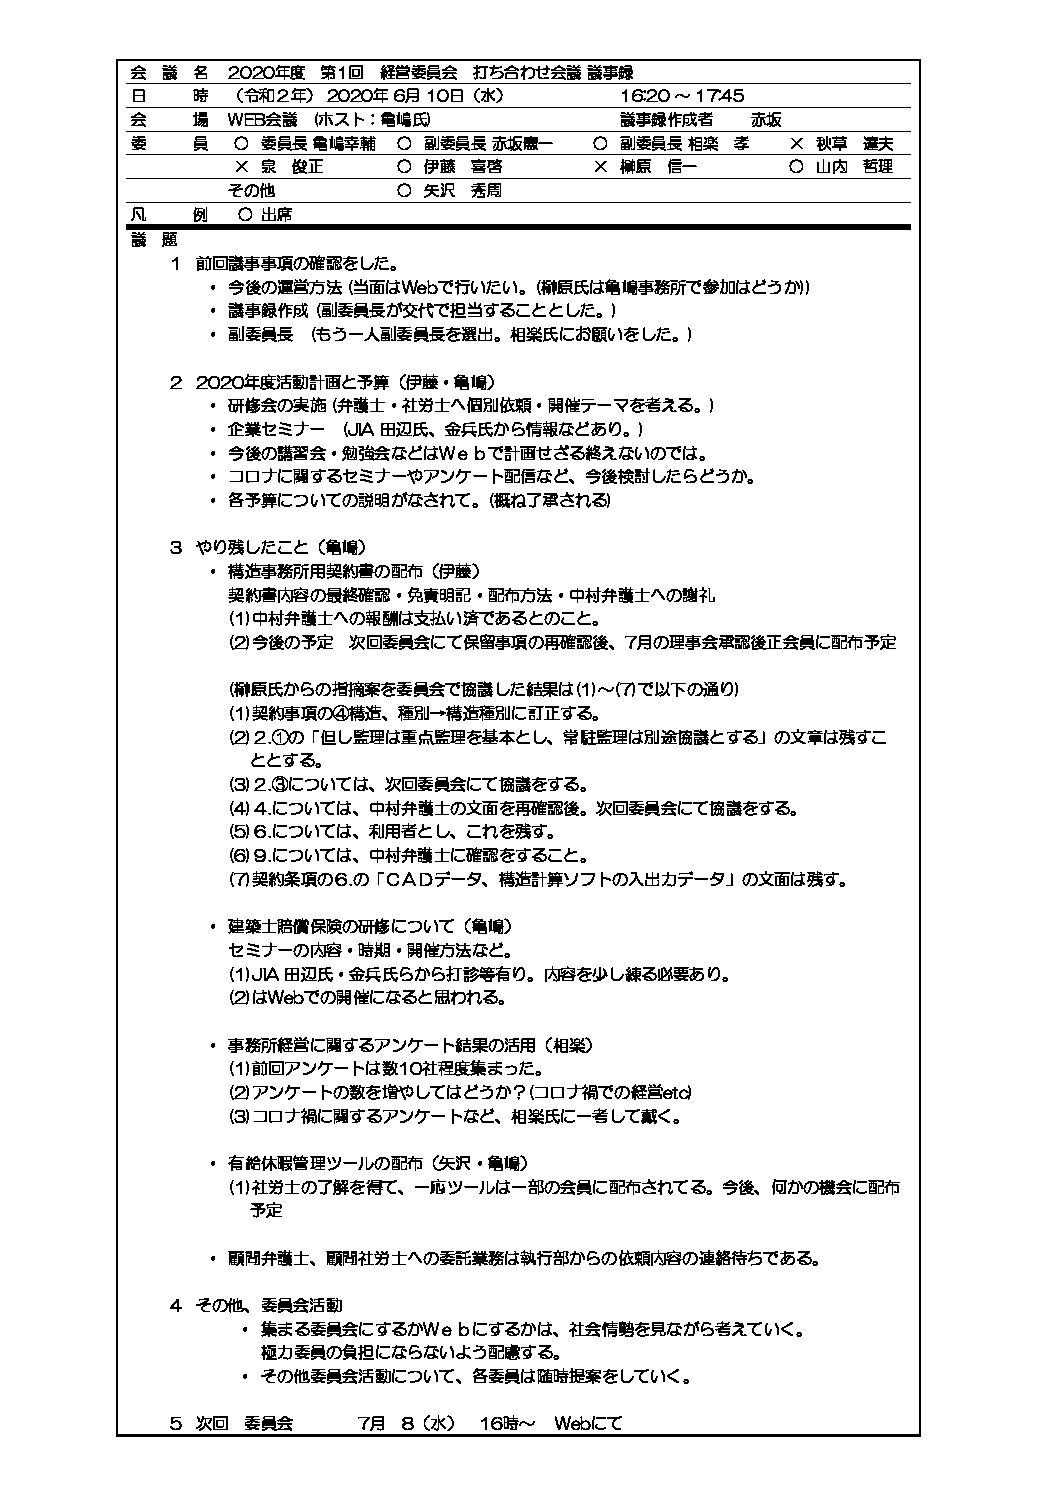 2020年度 第一回 経営委員会議事録(6/10)|ASDO